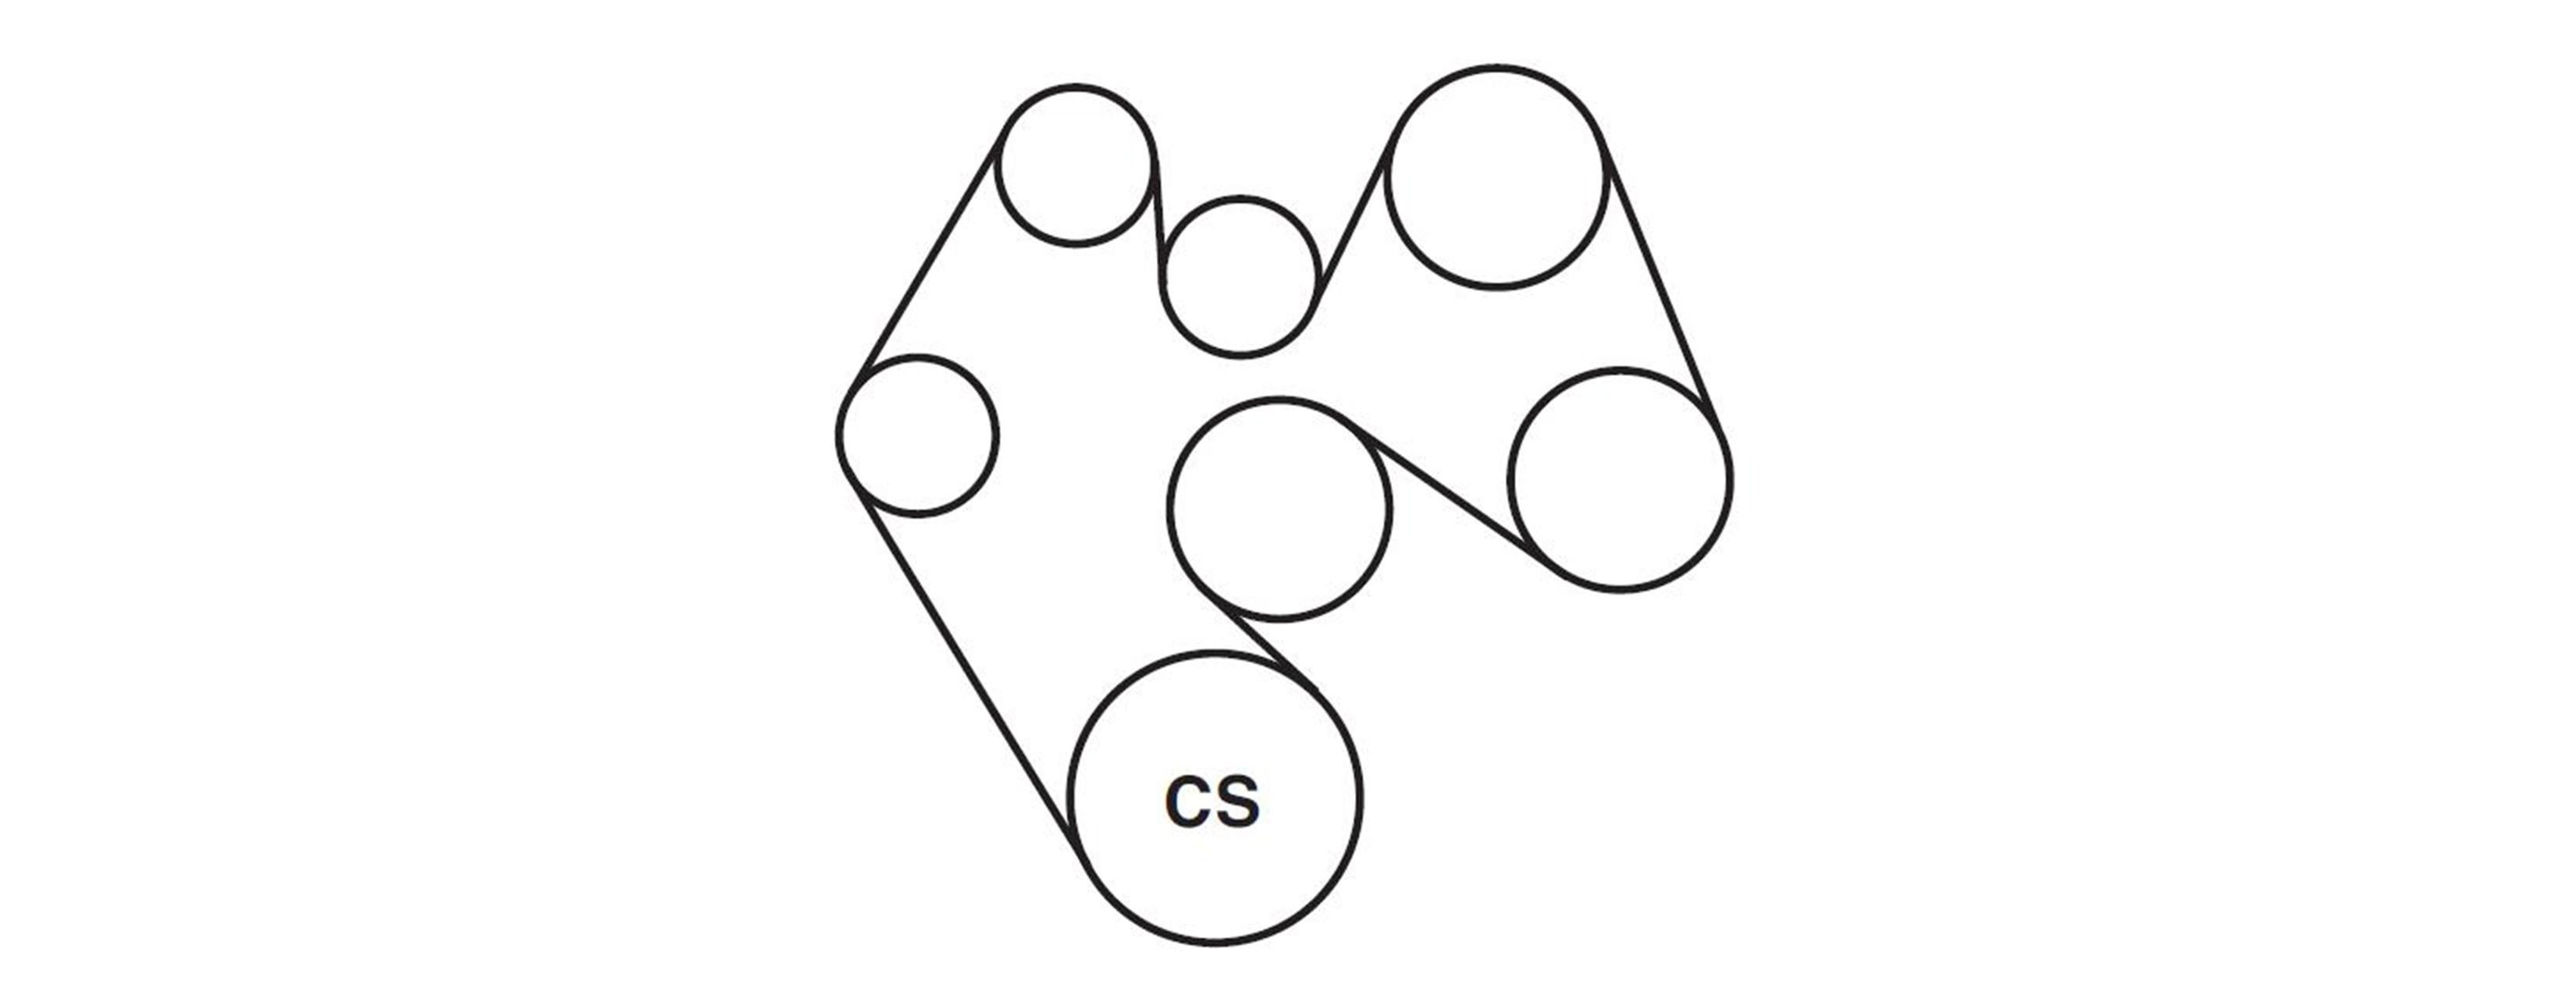 C15 Cat Serpentine Belt Diagram